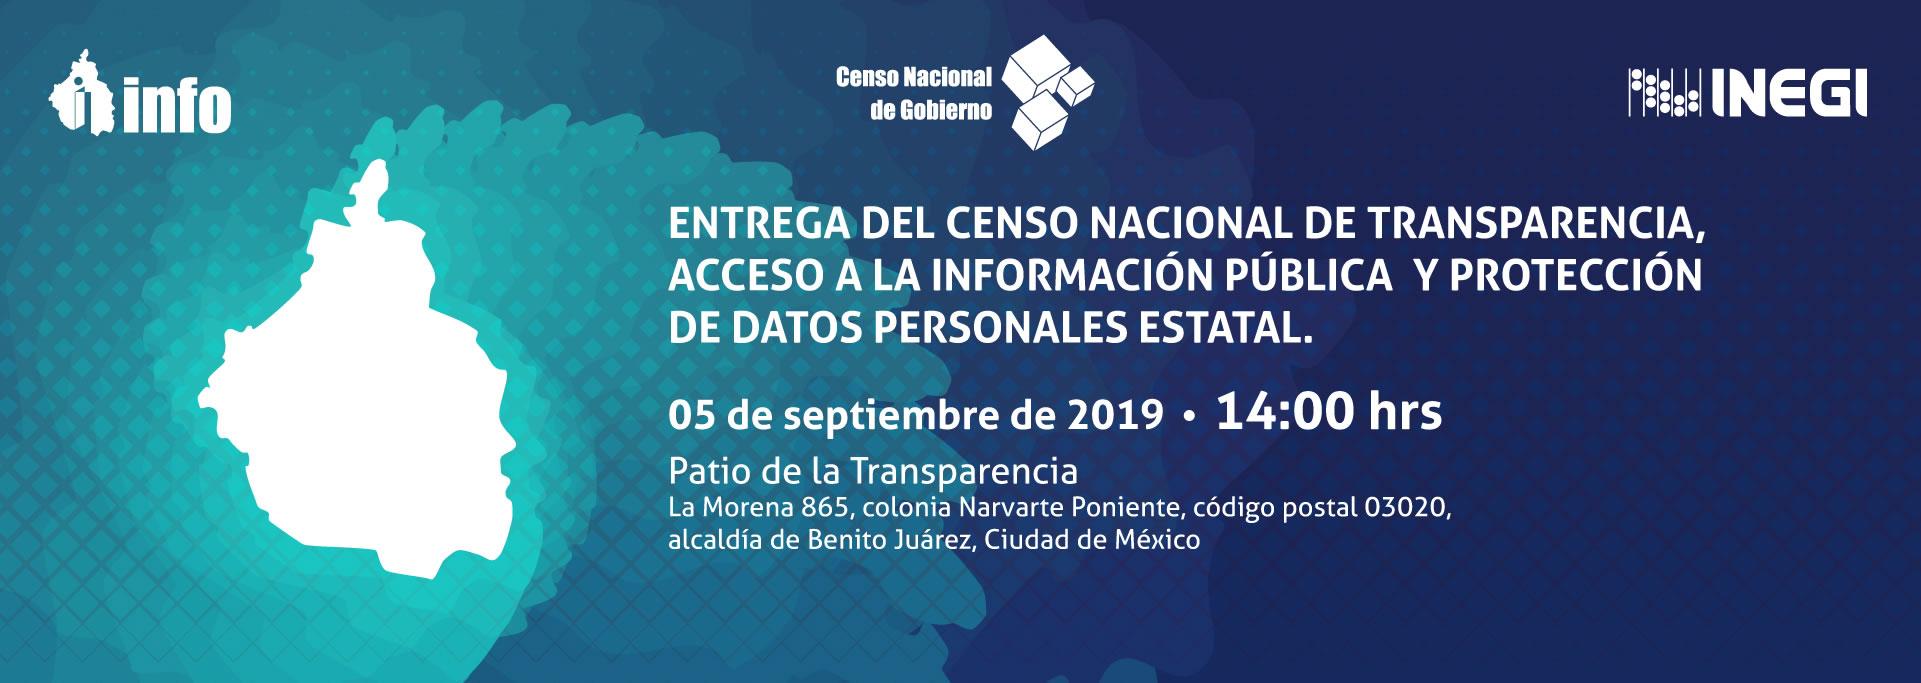 Entrega del Censo Nacional de Transparencia Acceso a la Información Pública y Protección de Datos Personales Estatal edición 2019